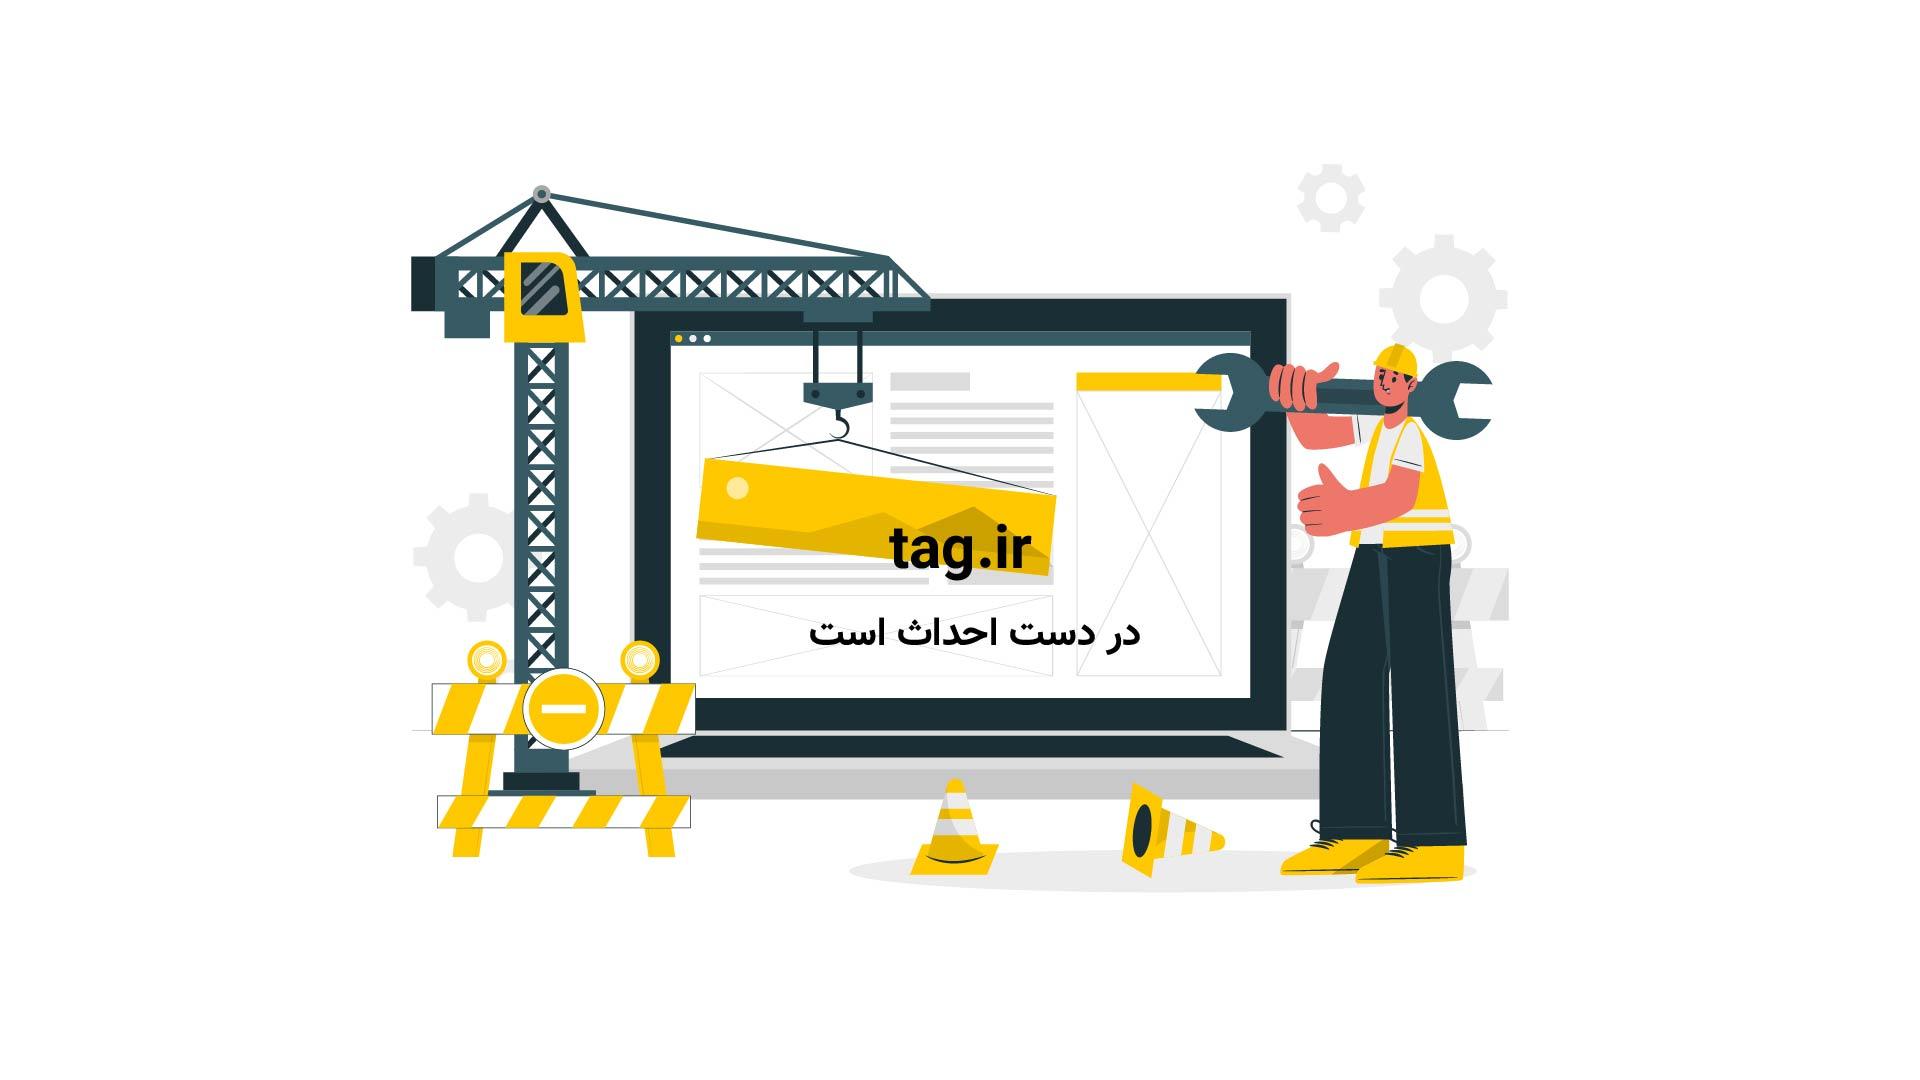 مناظر زیبا و دیدنی استان سیستان و بلوچستان | فیلم